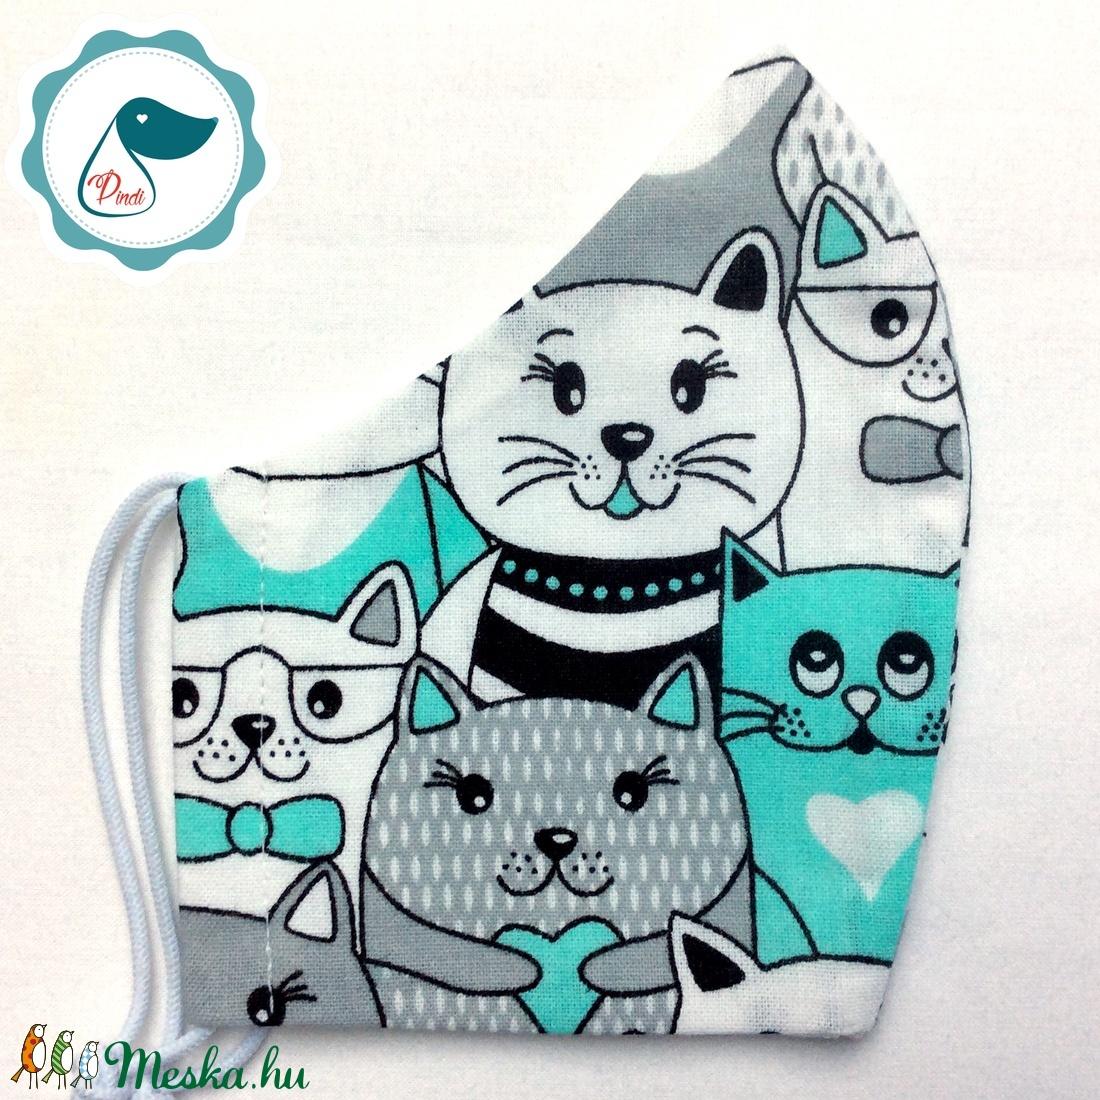 Egyedi cica mintás - felnőtt női és teenager szájmaszk - textil szájmaszk - egészségügyi szájmaszk - maszk, arcmaszk - női - Meska.hu